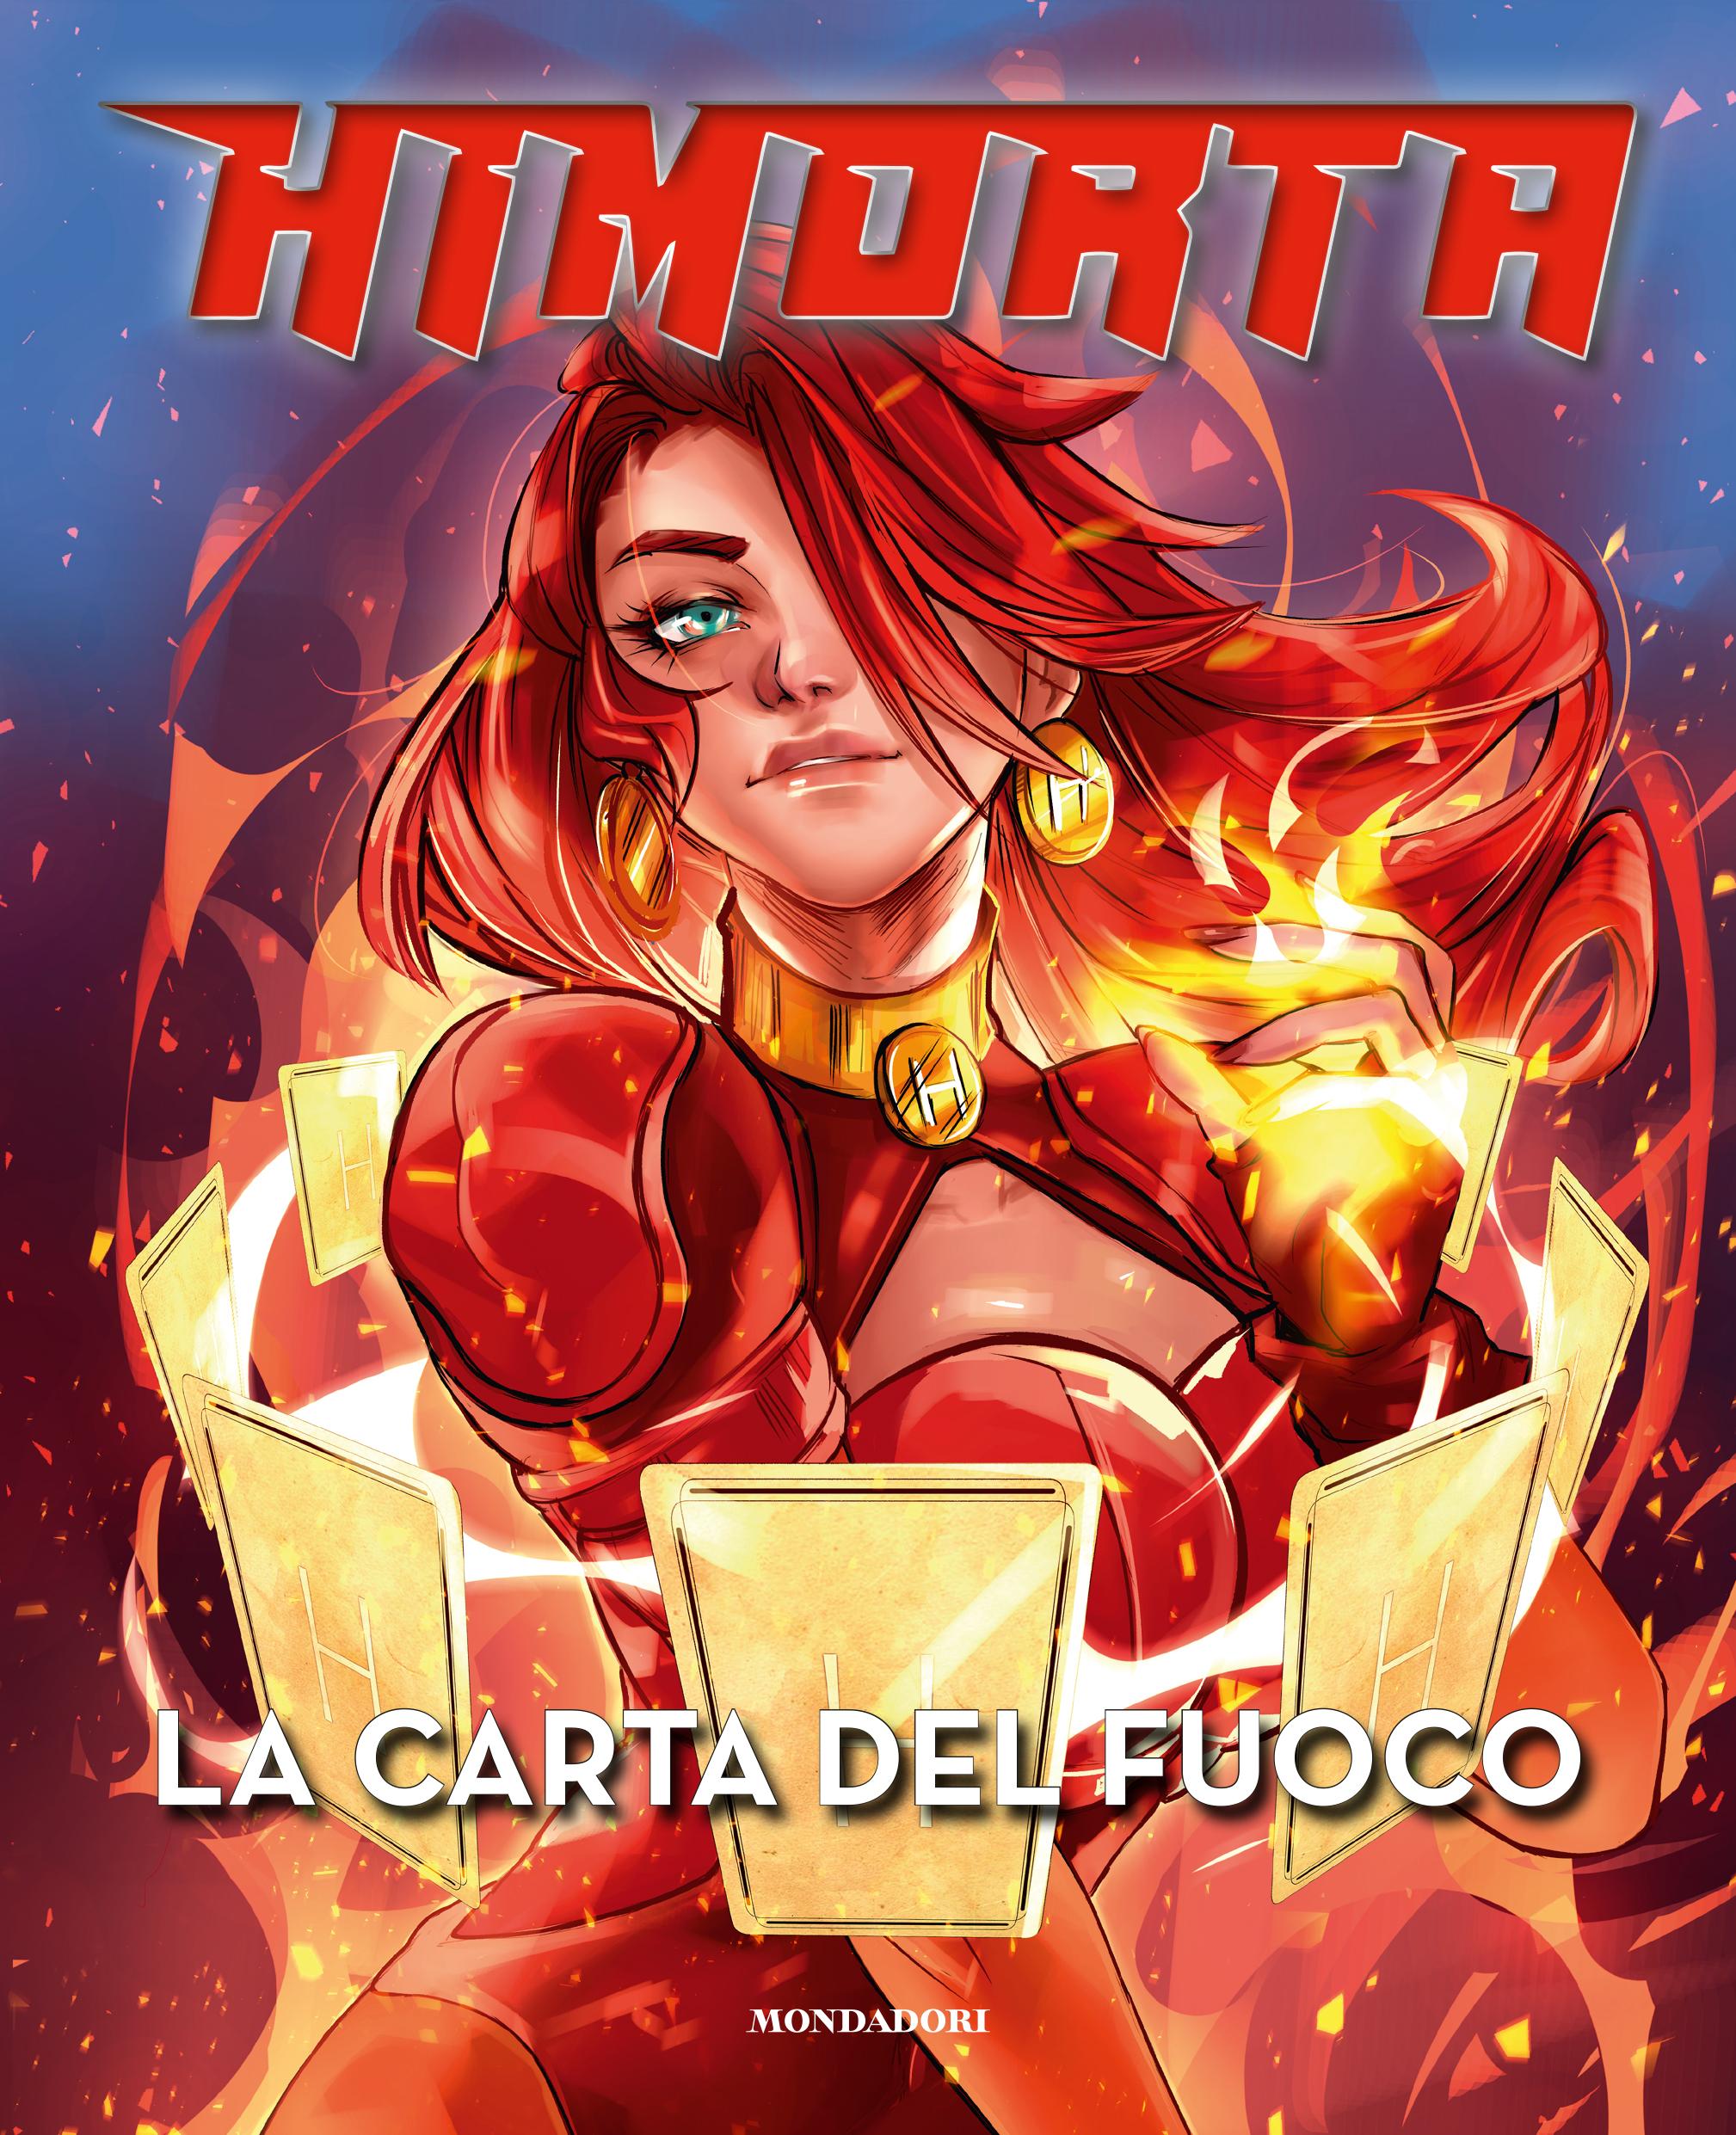 HIMORTA - LA CARTA DEL FUOCO. Il nuovo fumetto  Dal 30 marzo disponibile in tutte le librerie e da oggi preordinabile in tutti gli store online